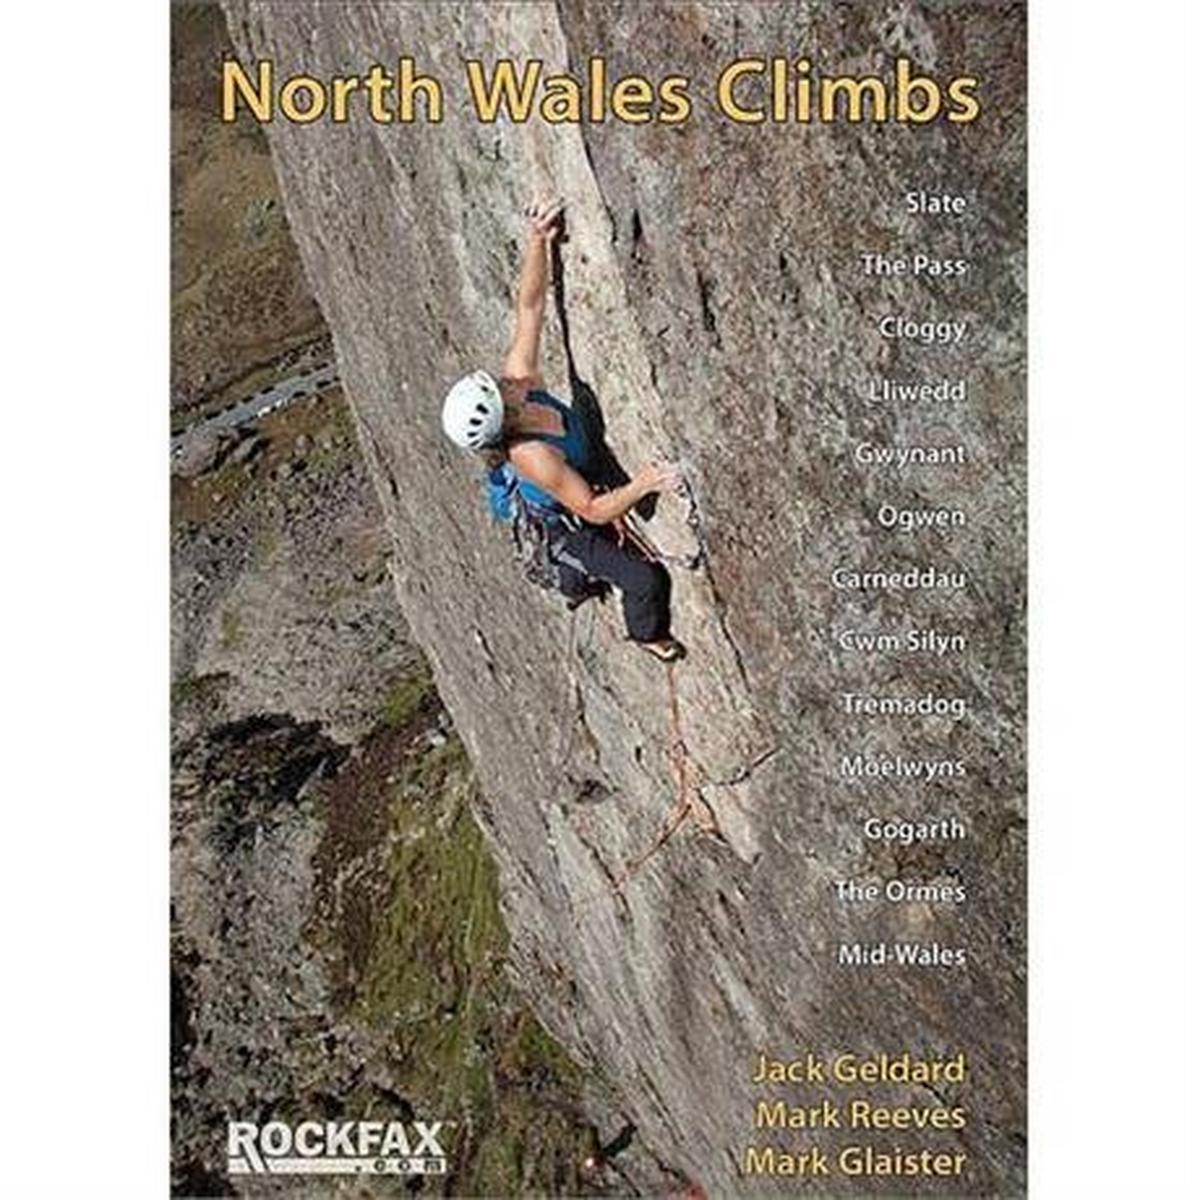 Rockfax : North Wales Climbs